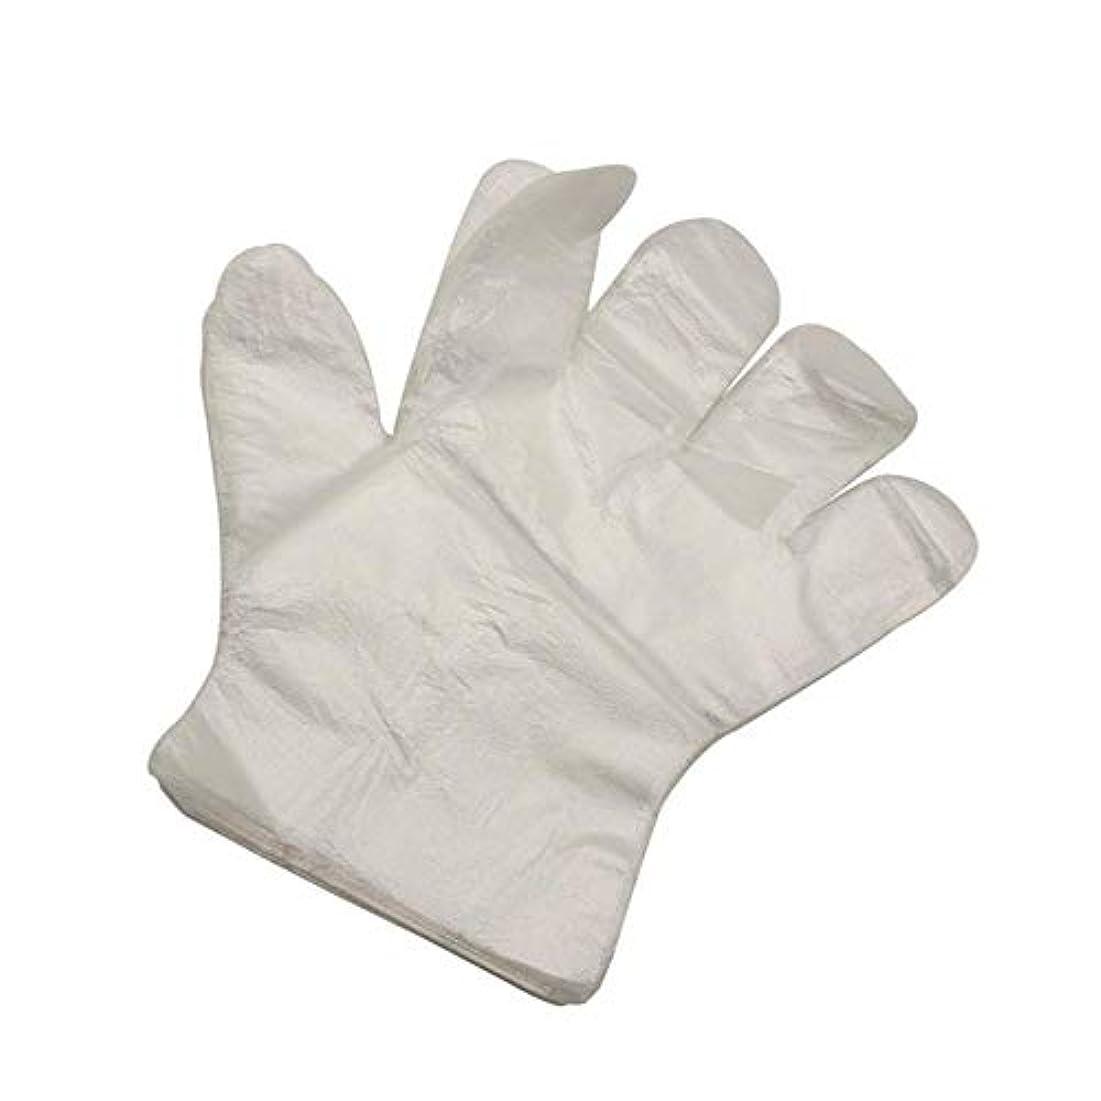 翻訳頂点出口使い捨て手袋 極薄ビニール手袋 調理 透明 実用 衛生 左右両手が使える 家、レストラン、掃除、木工に使用することができます (1000)